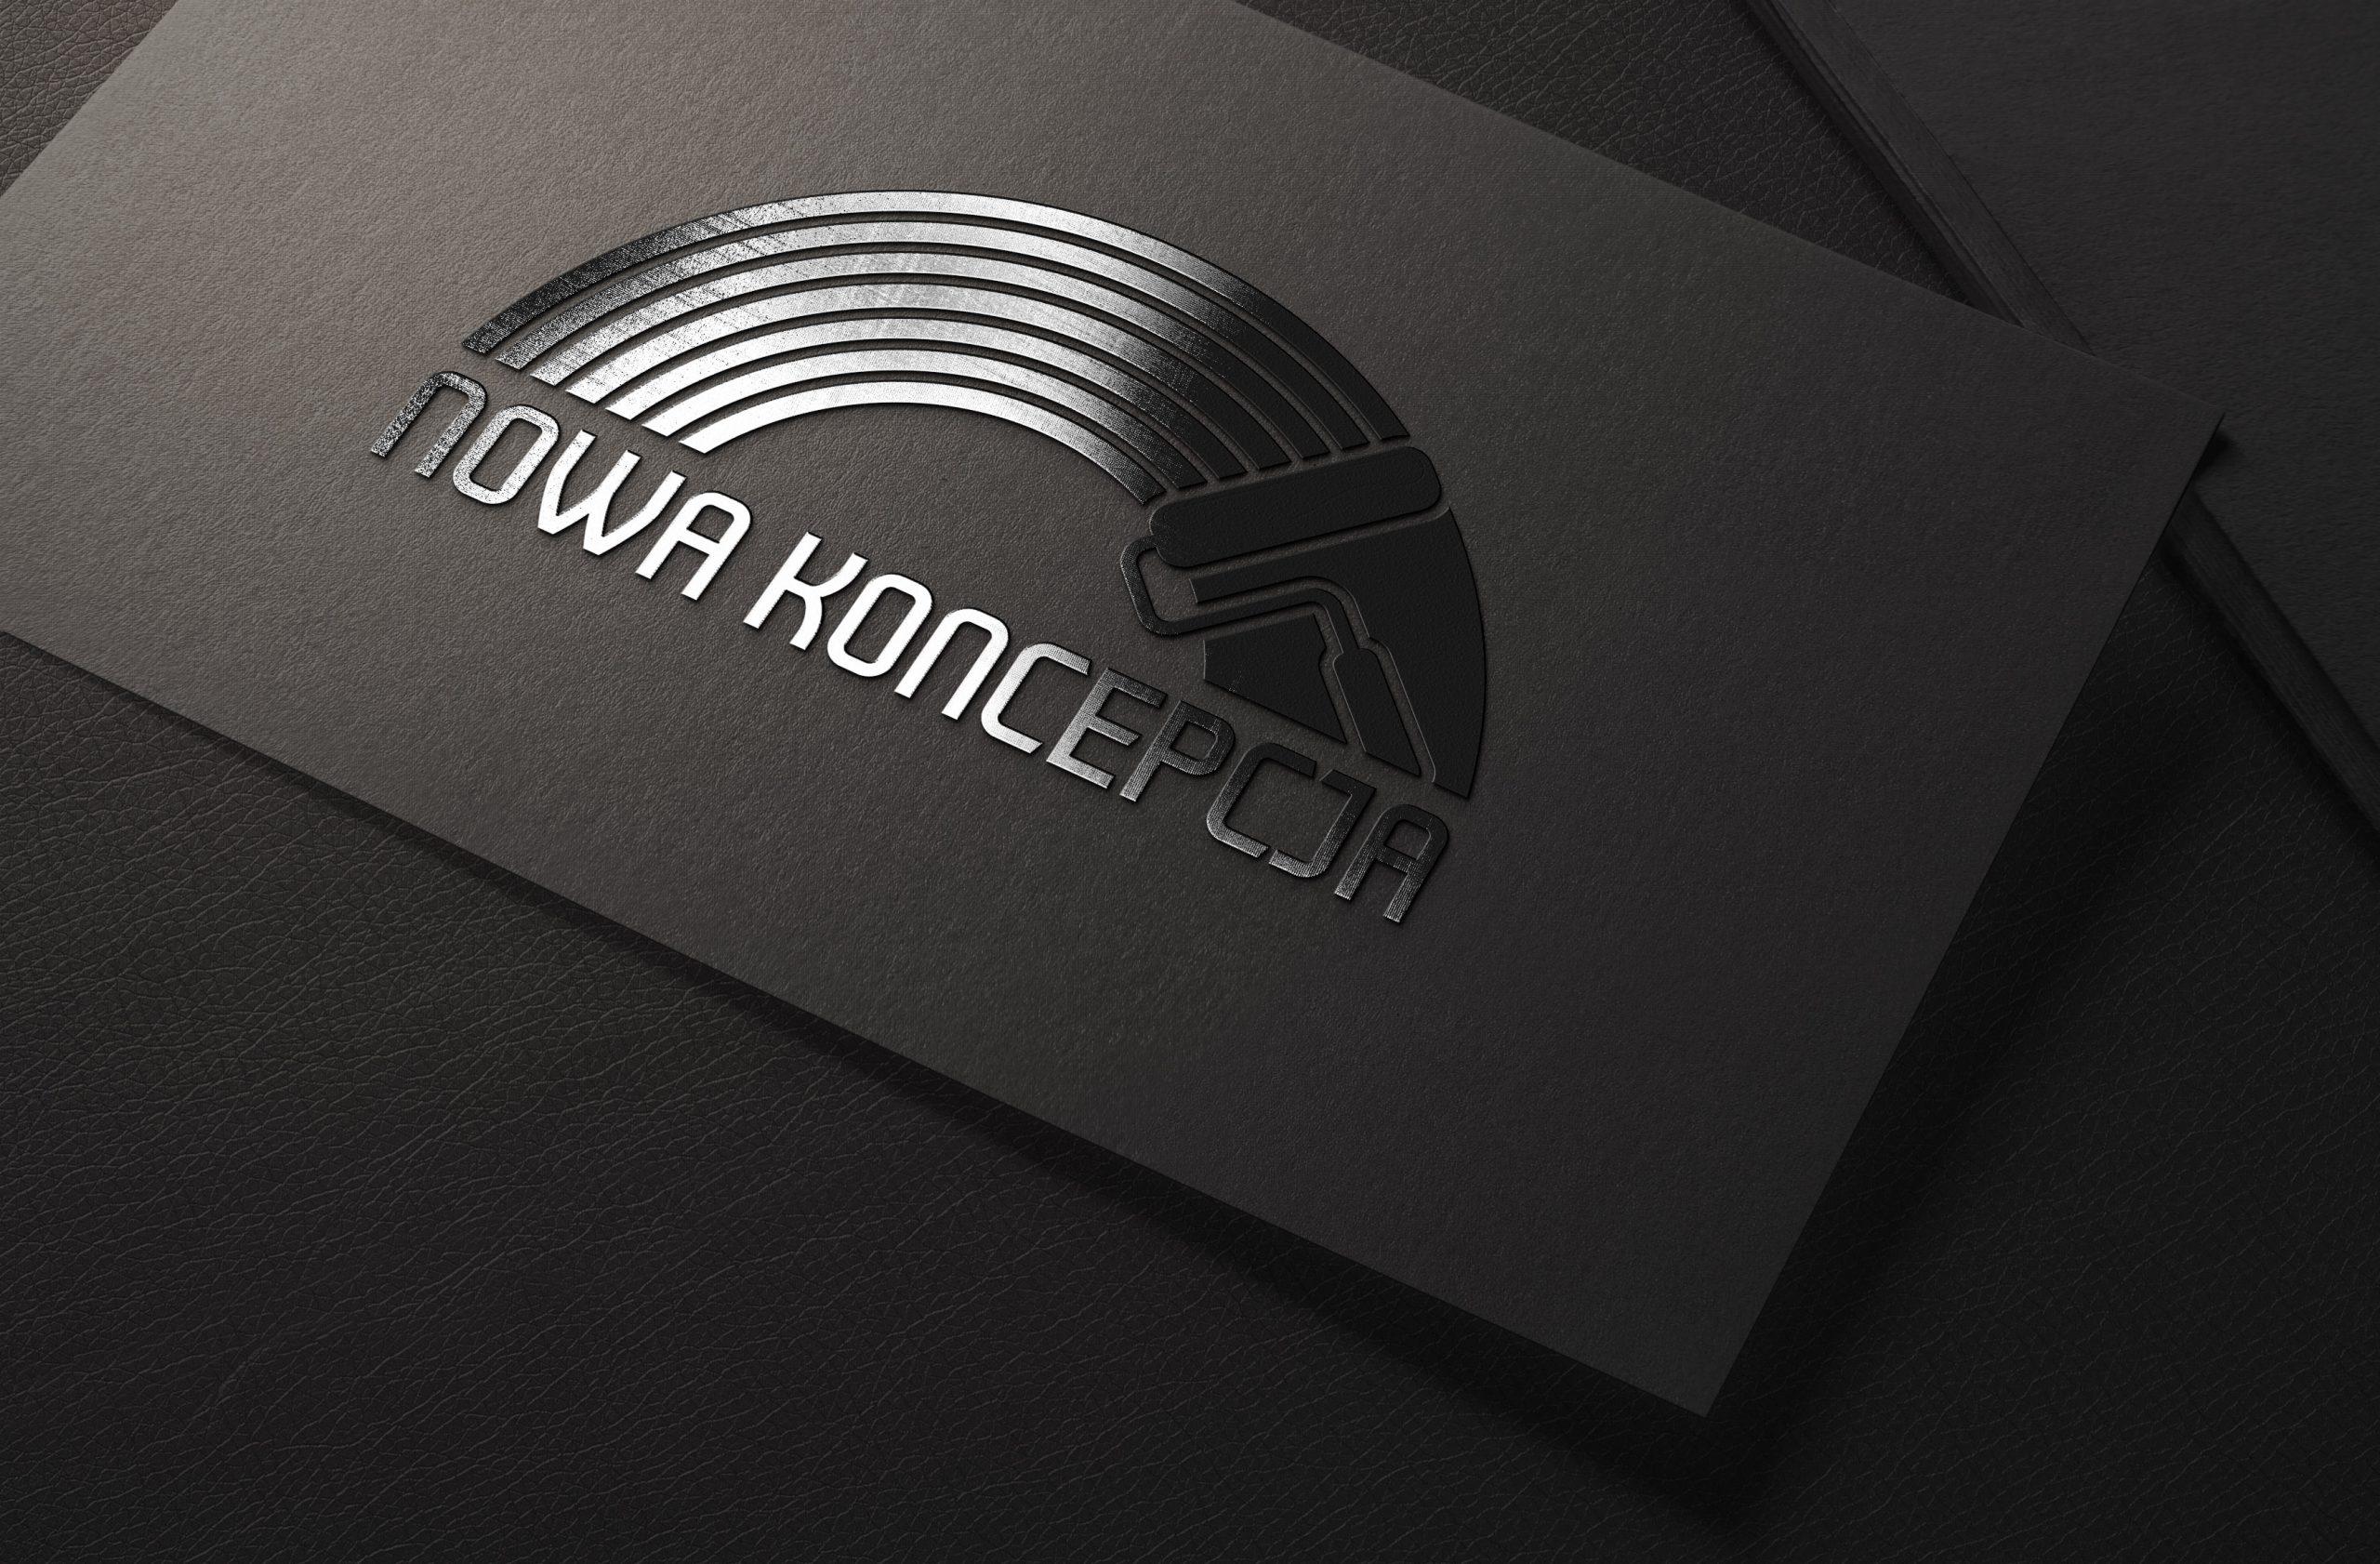 projekt logo nowa koncepcja